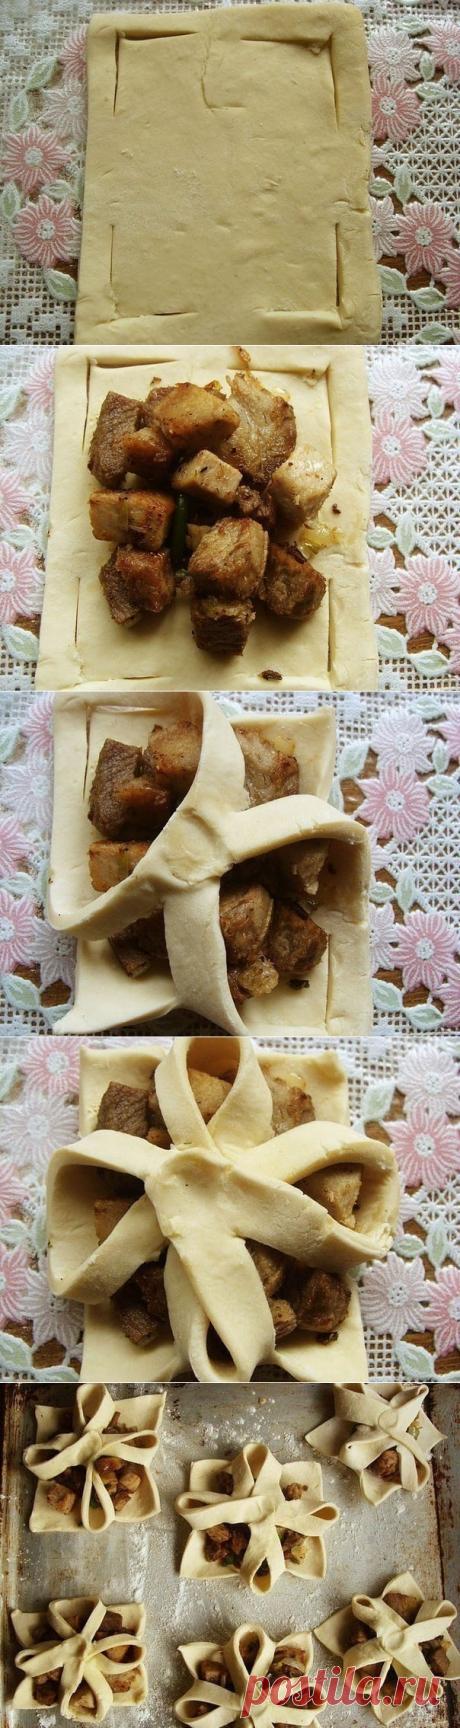 Как приготовить пирожки в слоеном тесте. - рецепт, ингридиенты и фотографии